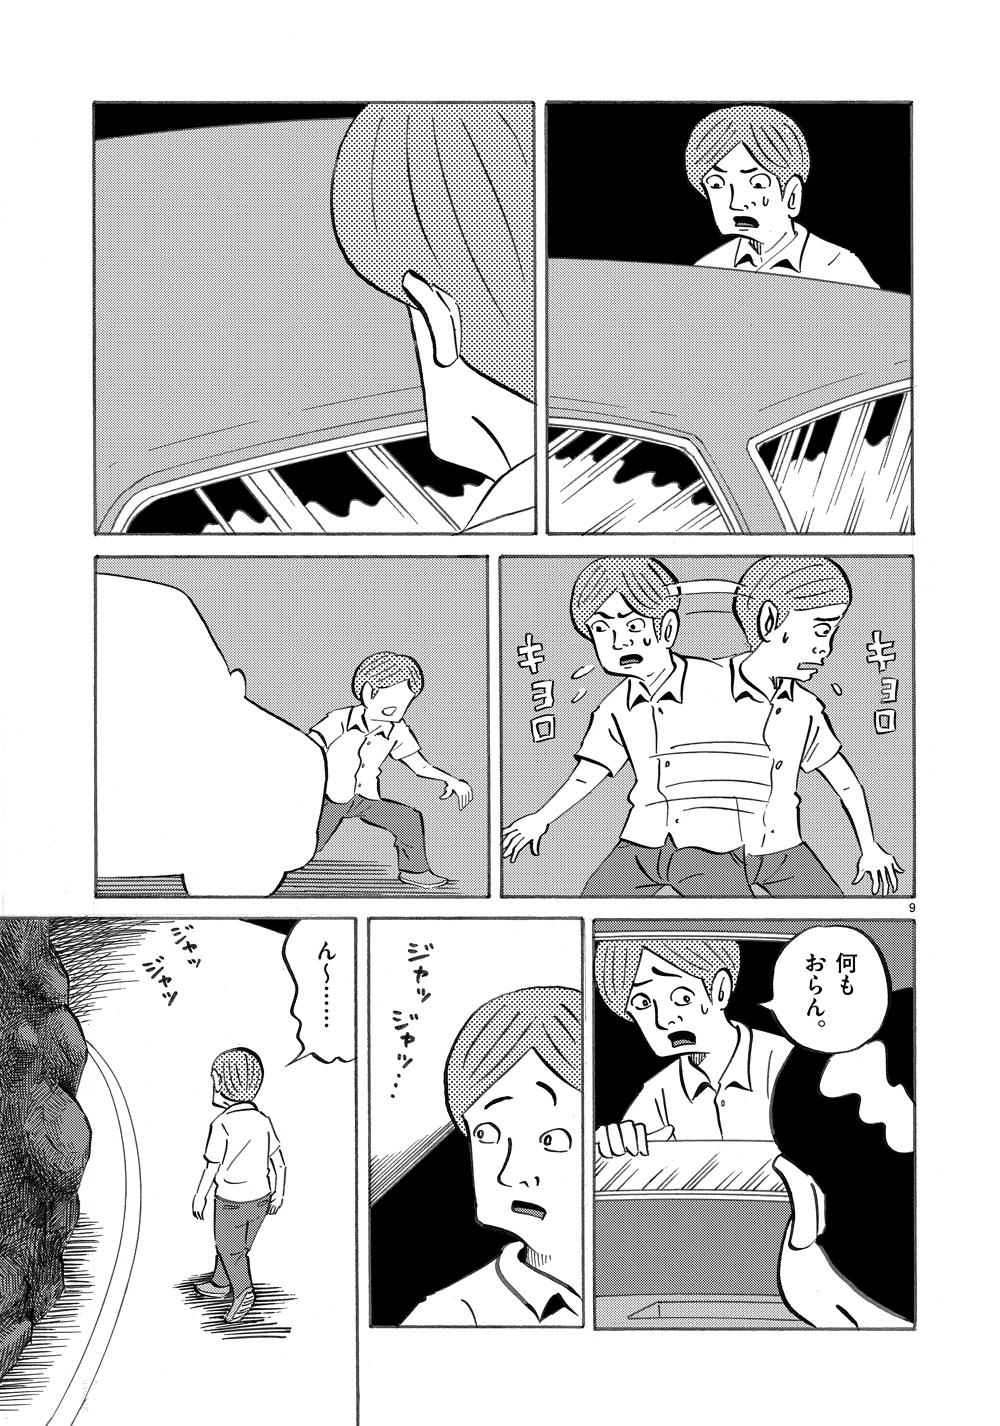 琉球怪談 【第8話】WEB掲載9ページ目画像